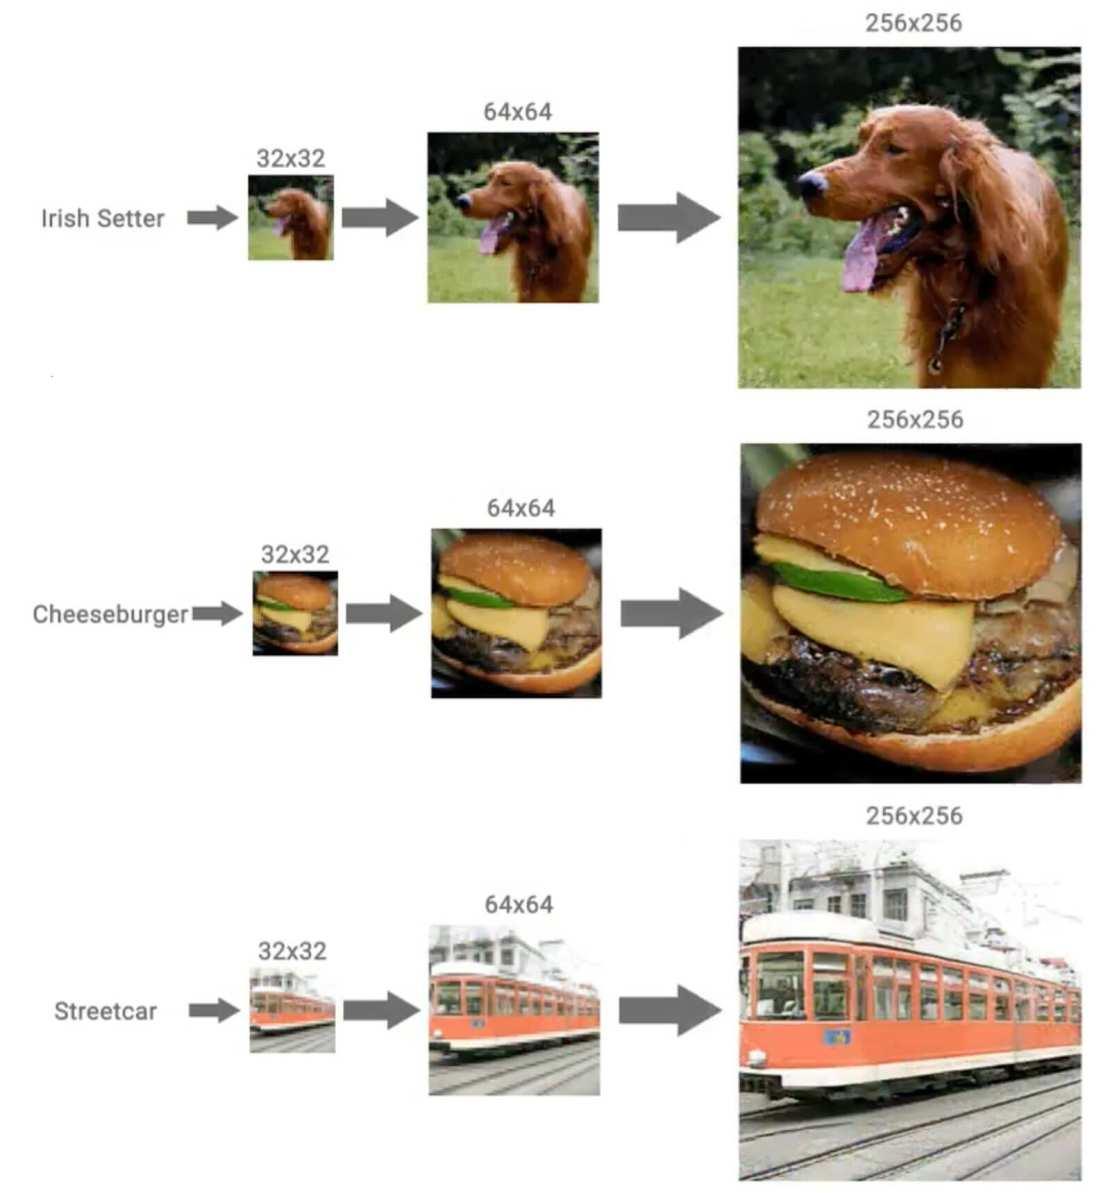 Algorytm ImageNet Google'a ulepszający zdjęcia